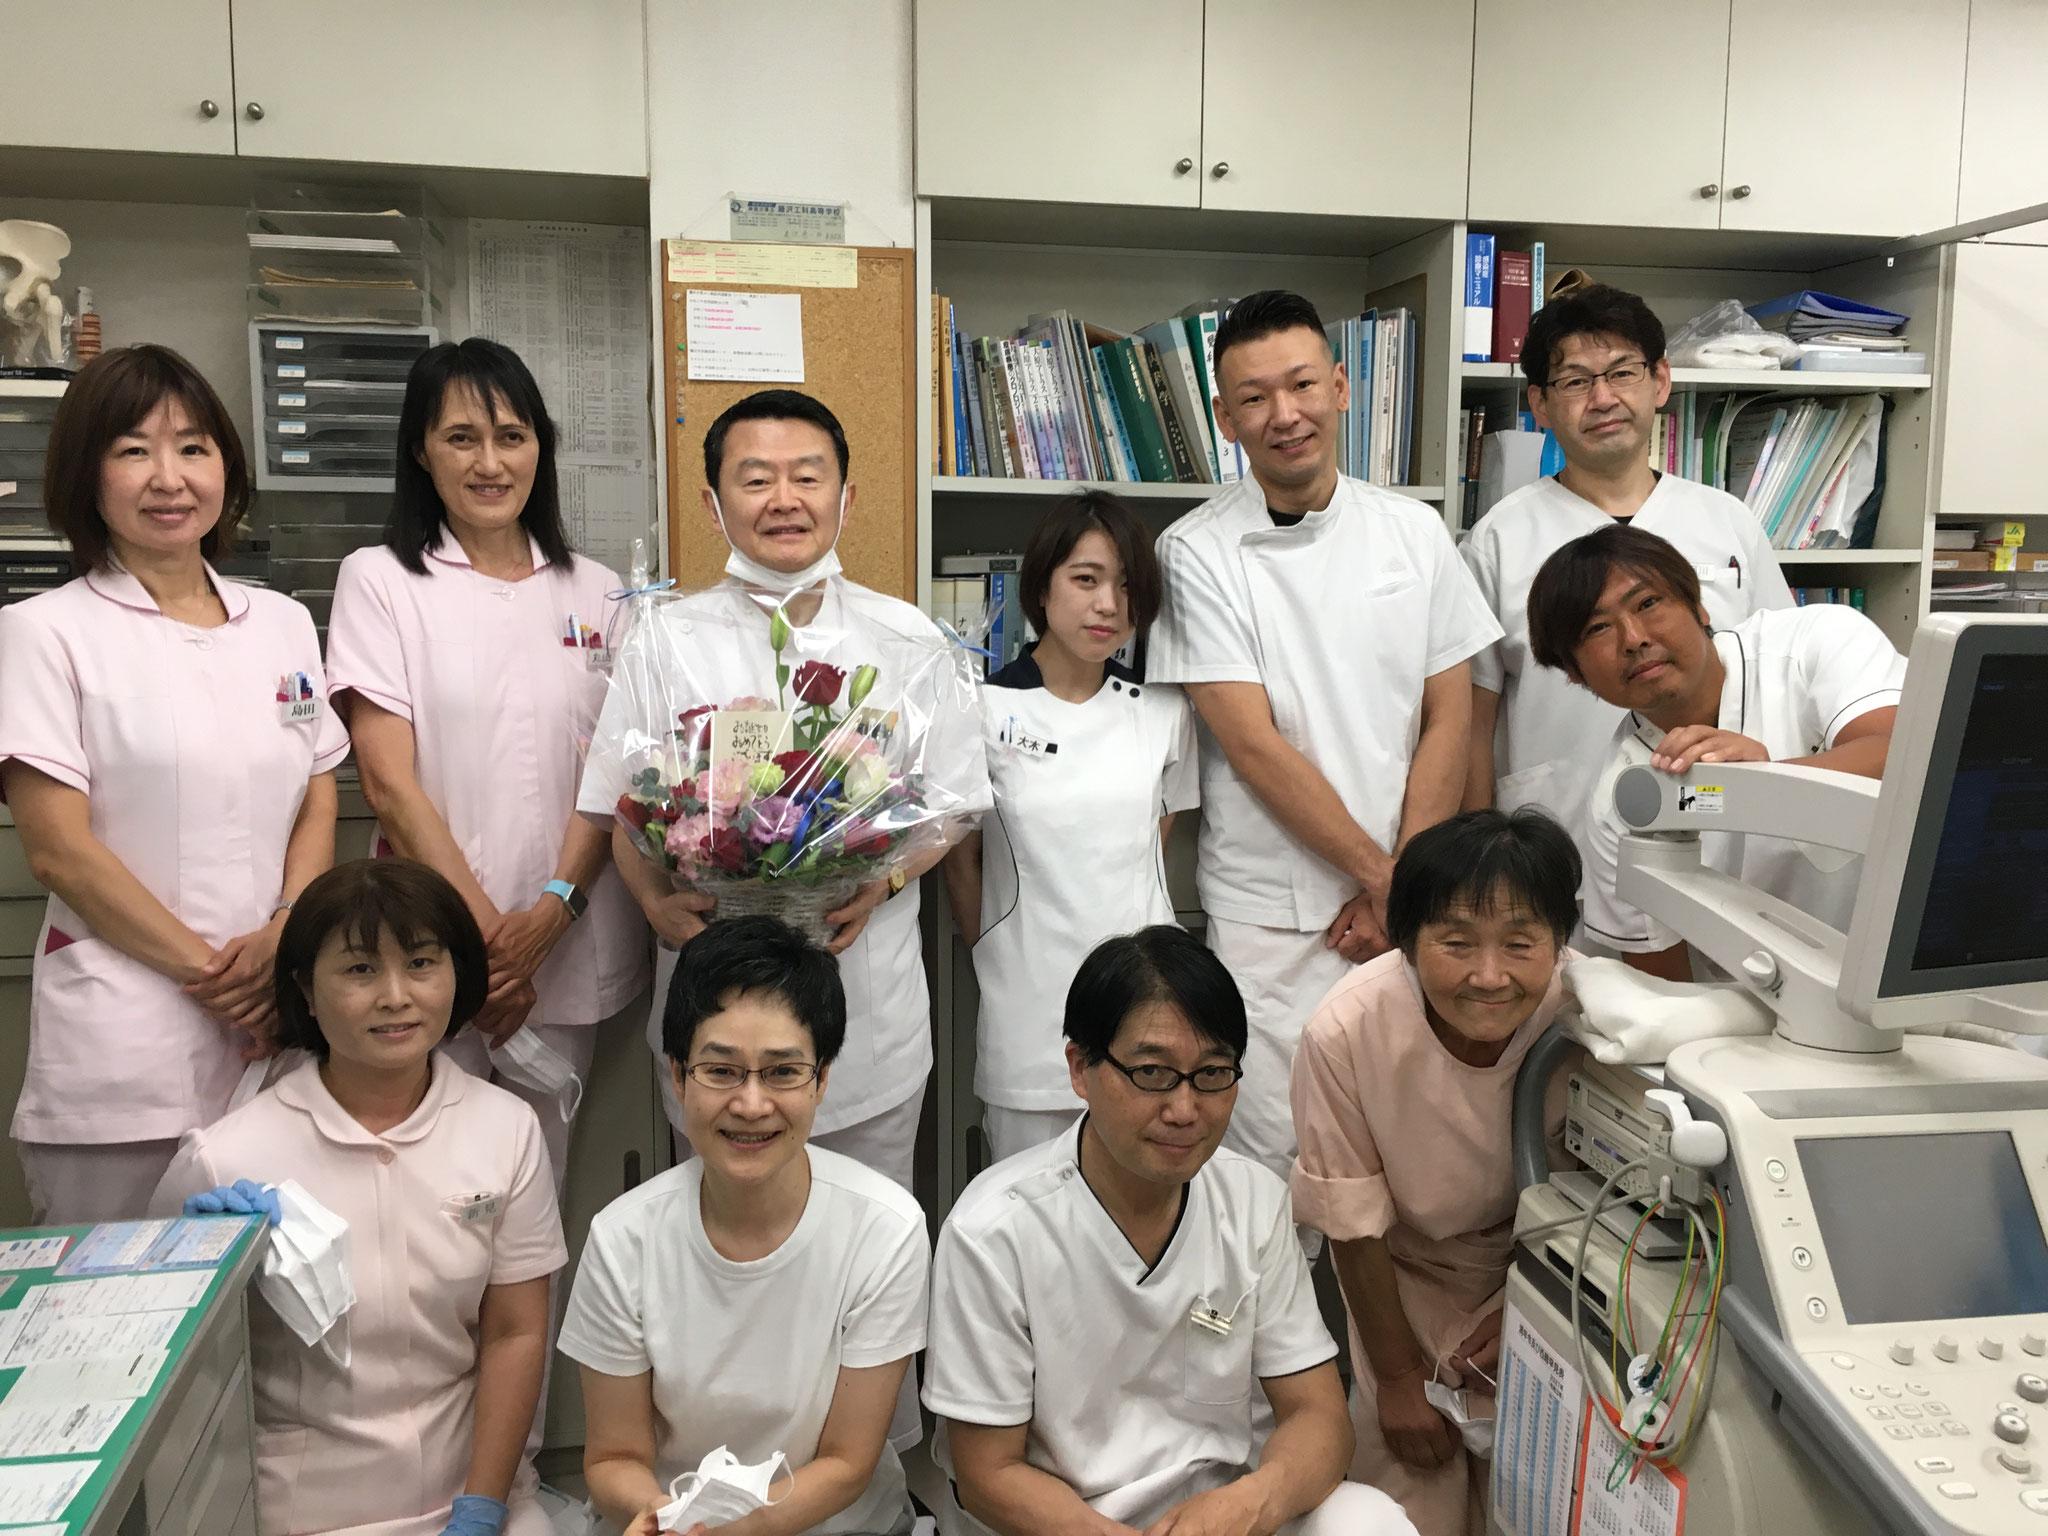 私の生誕65周年を、従業員達が祝ってくれました。